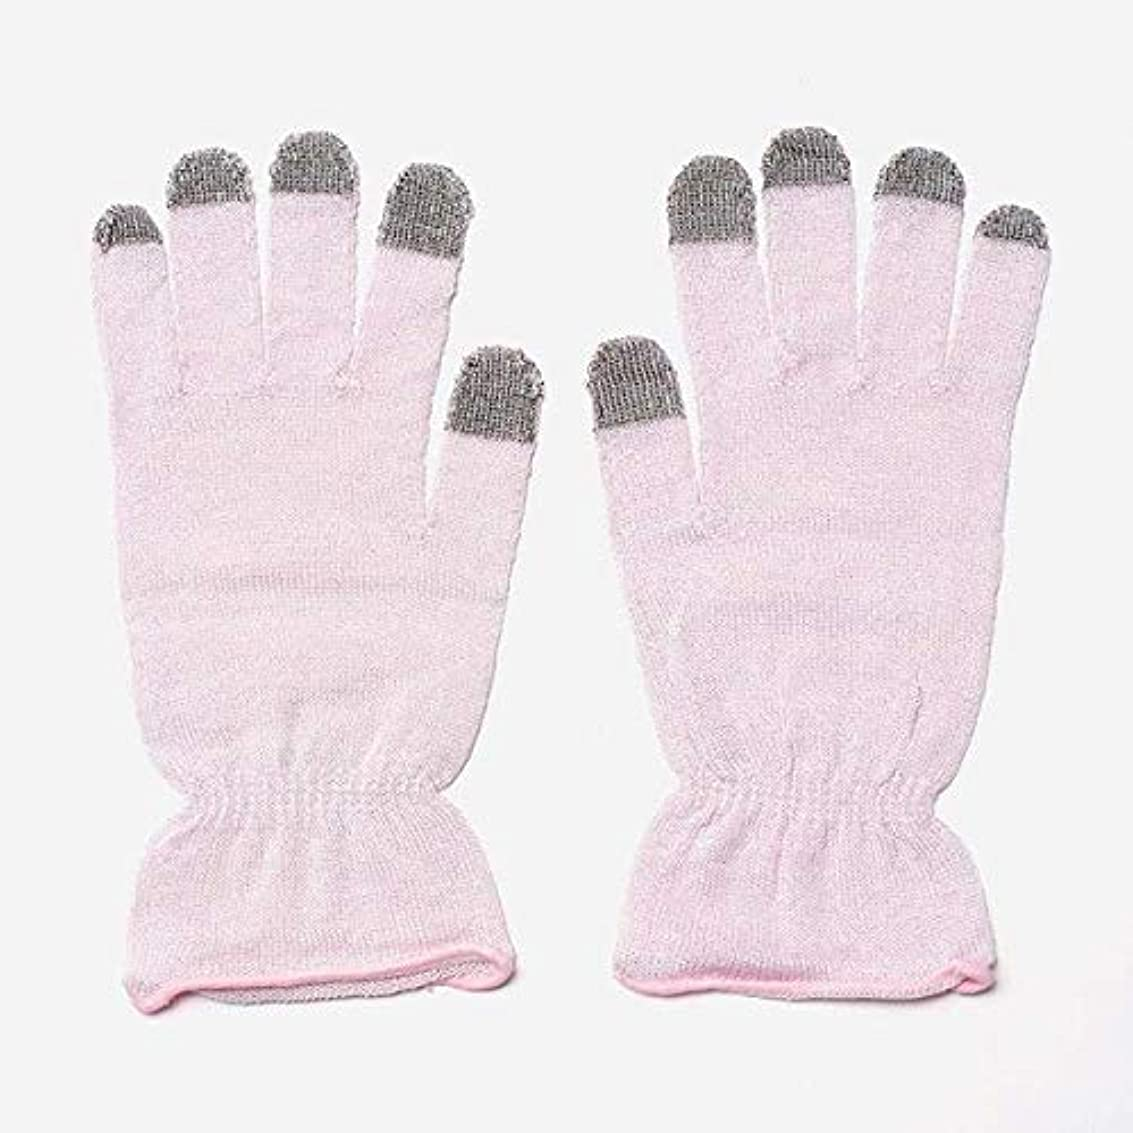 検出器ダーリンさびたKEYUCA(ケユカ) H 絹混 おやすみ手袋